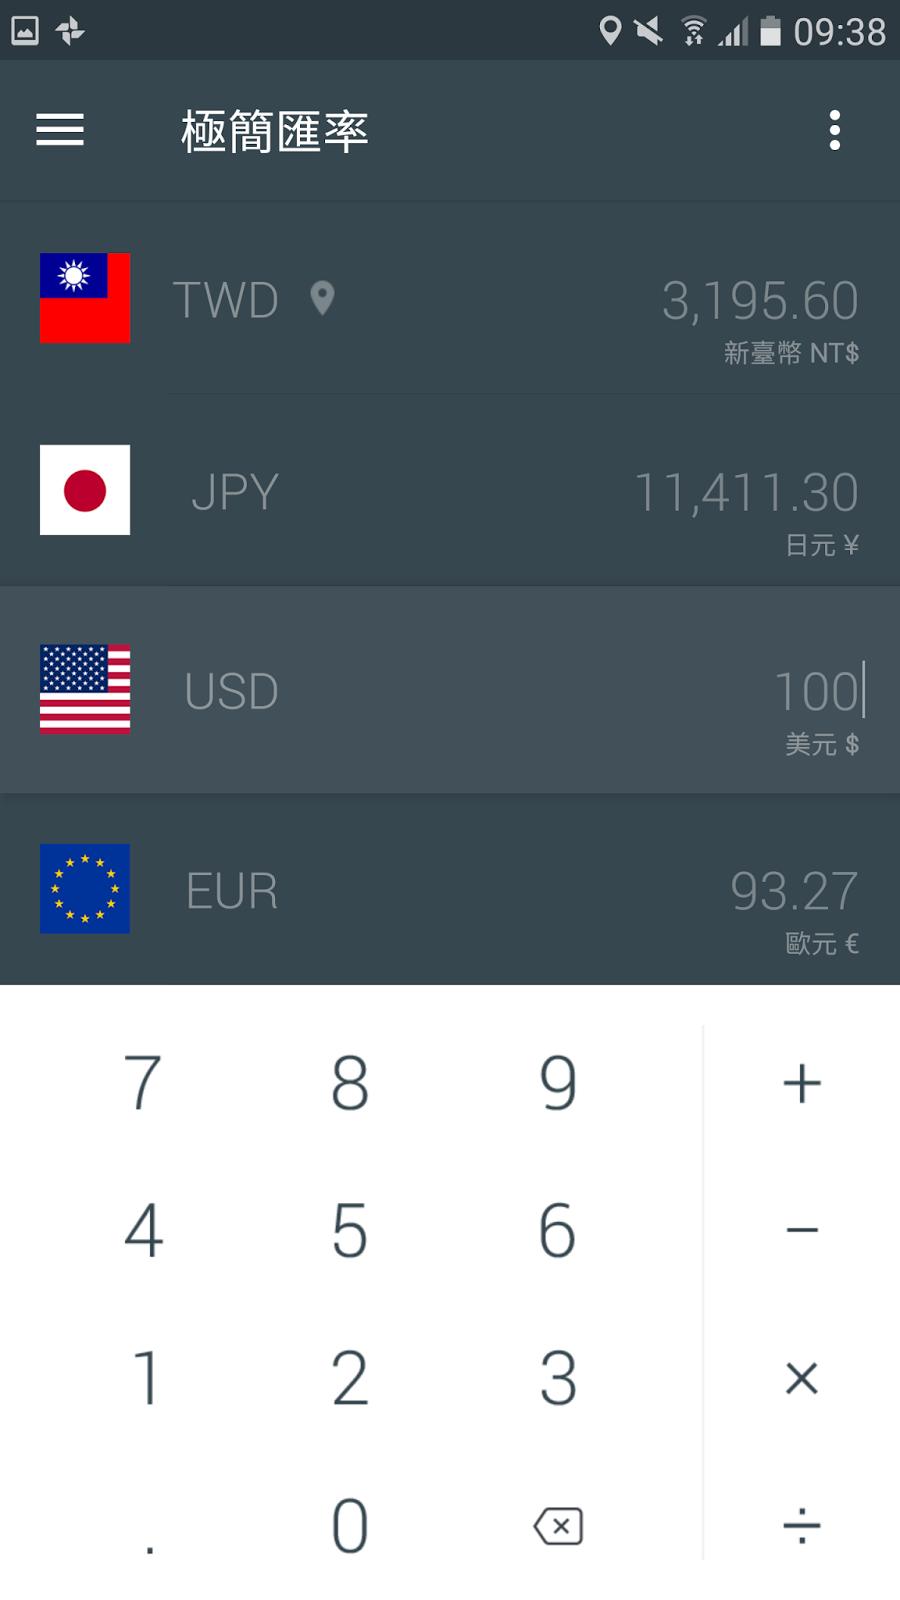 極簡匯率:最美設計完全免費的匯率換算 App 出國購物貼心計算